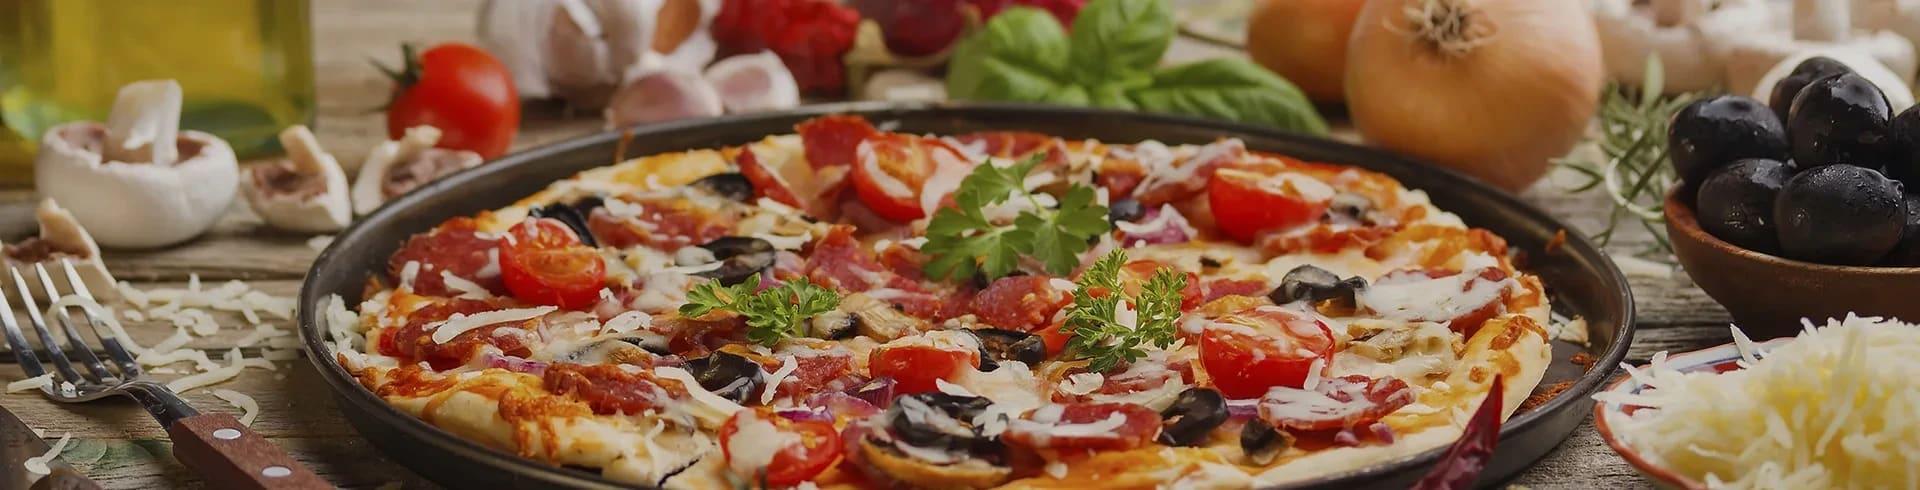 enkel hemmagjord pizza